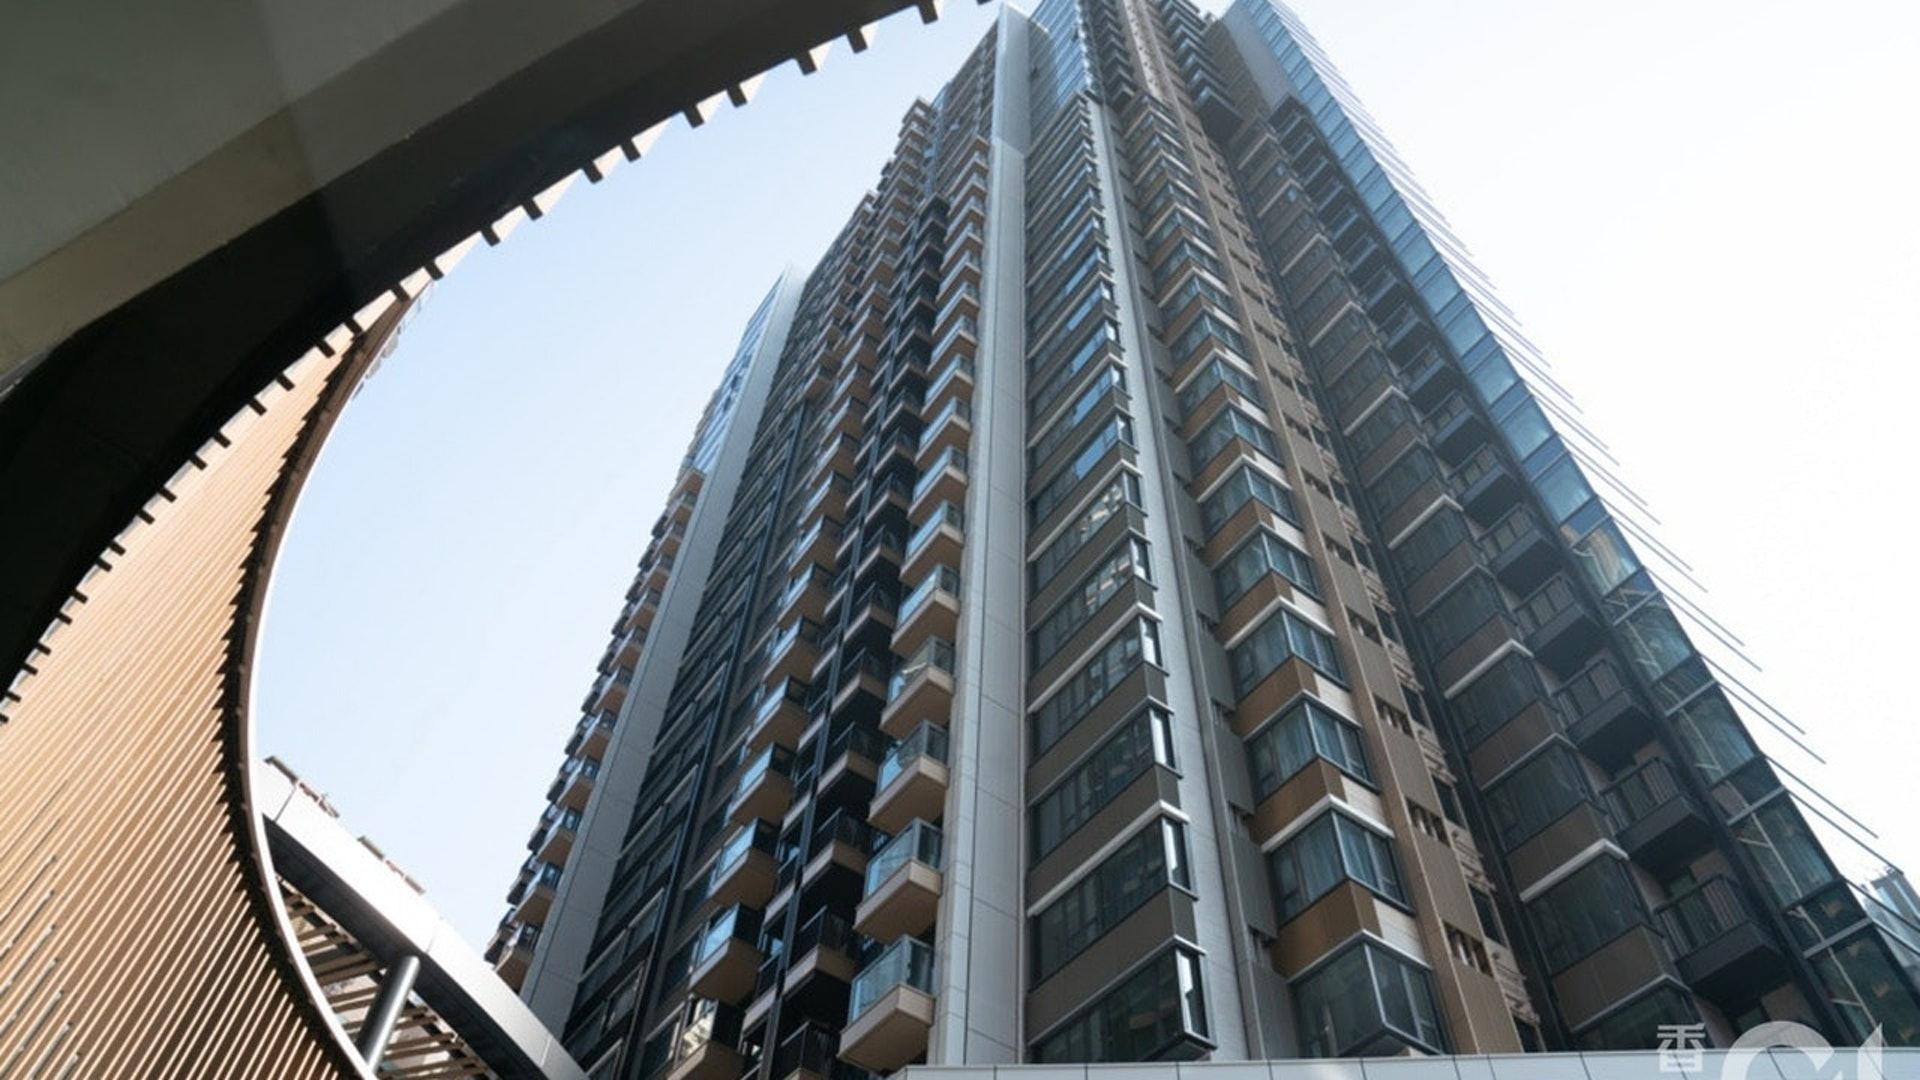 北角柏蔚山3座低層戶,為銀主盤,早前以2,160萬元沽出,呎價2.3萬元創屋苑新低。